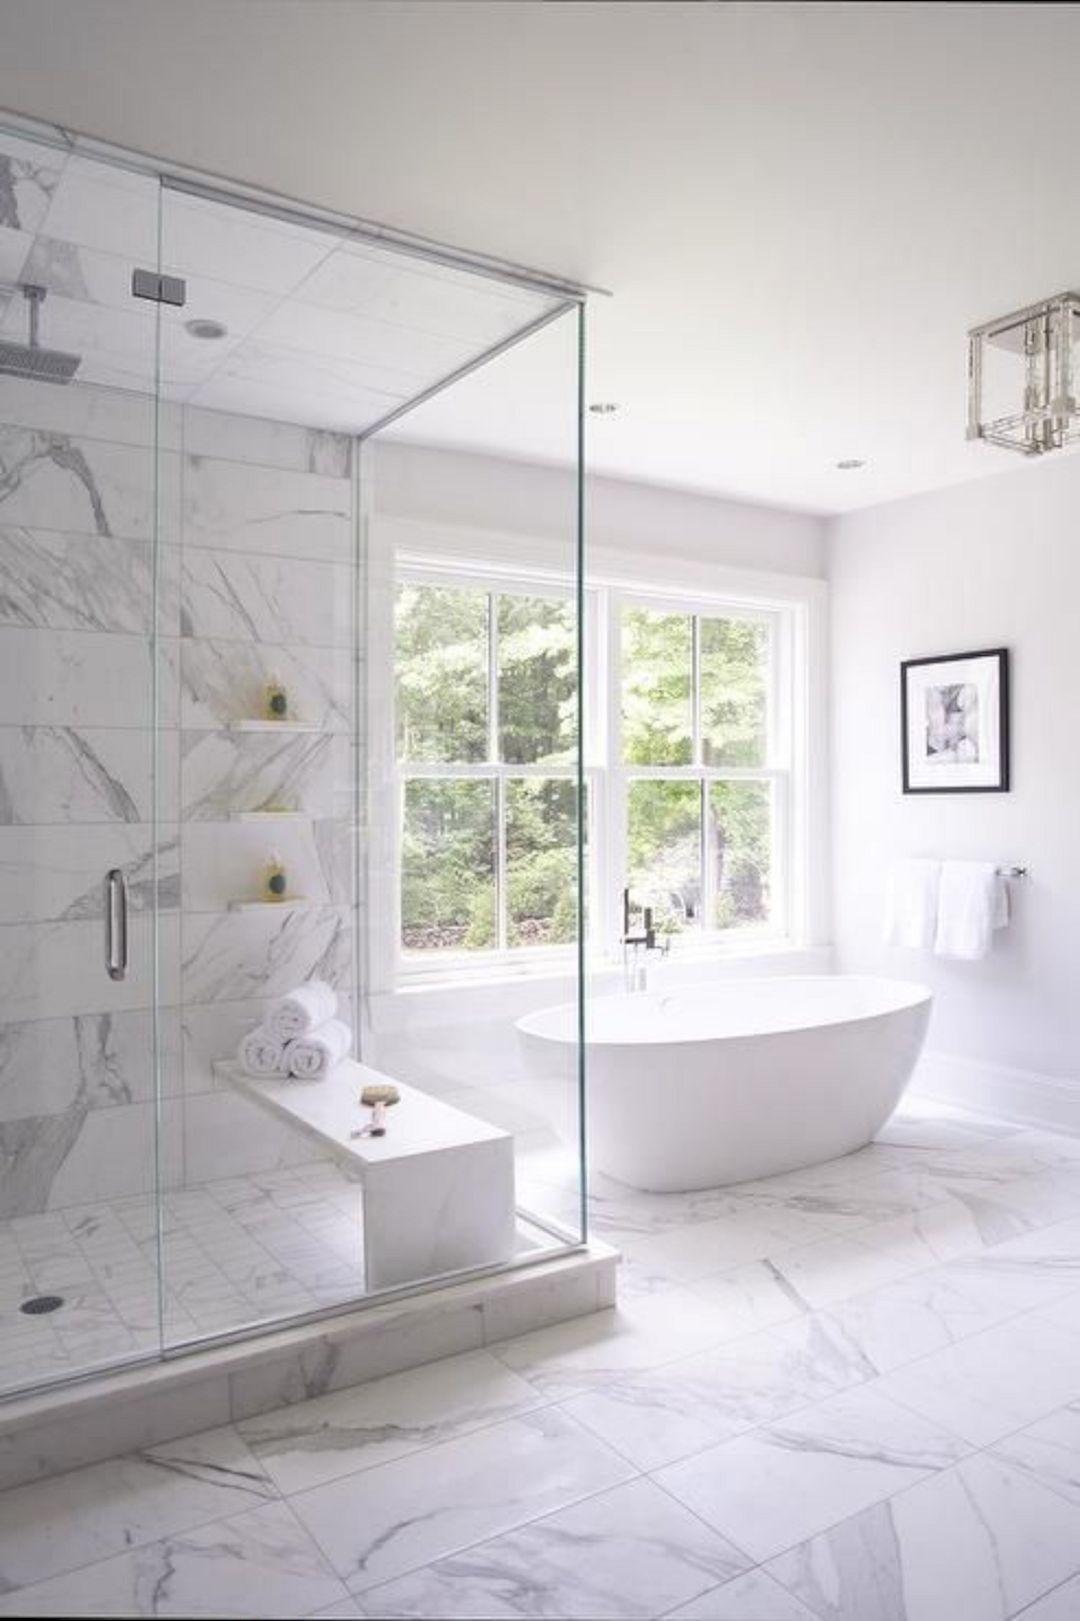 15 Ensuite Bathroom Ideas Bathroom Remodel Master Small Master Bathroom Master Bathroom Design